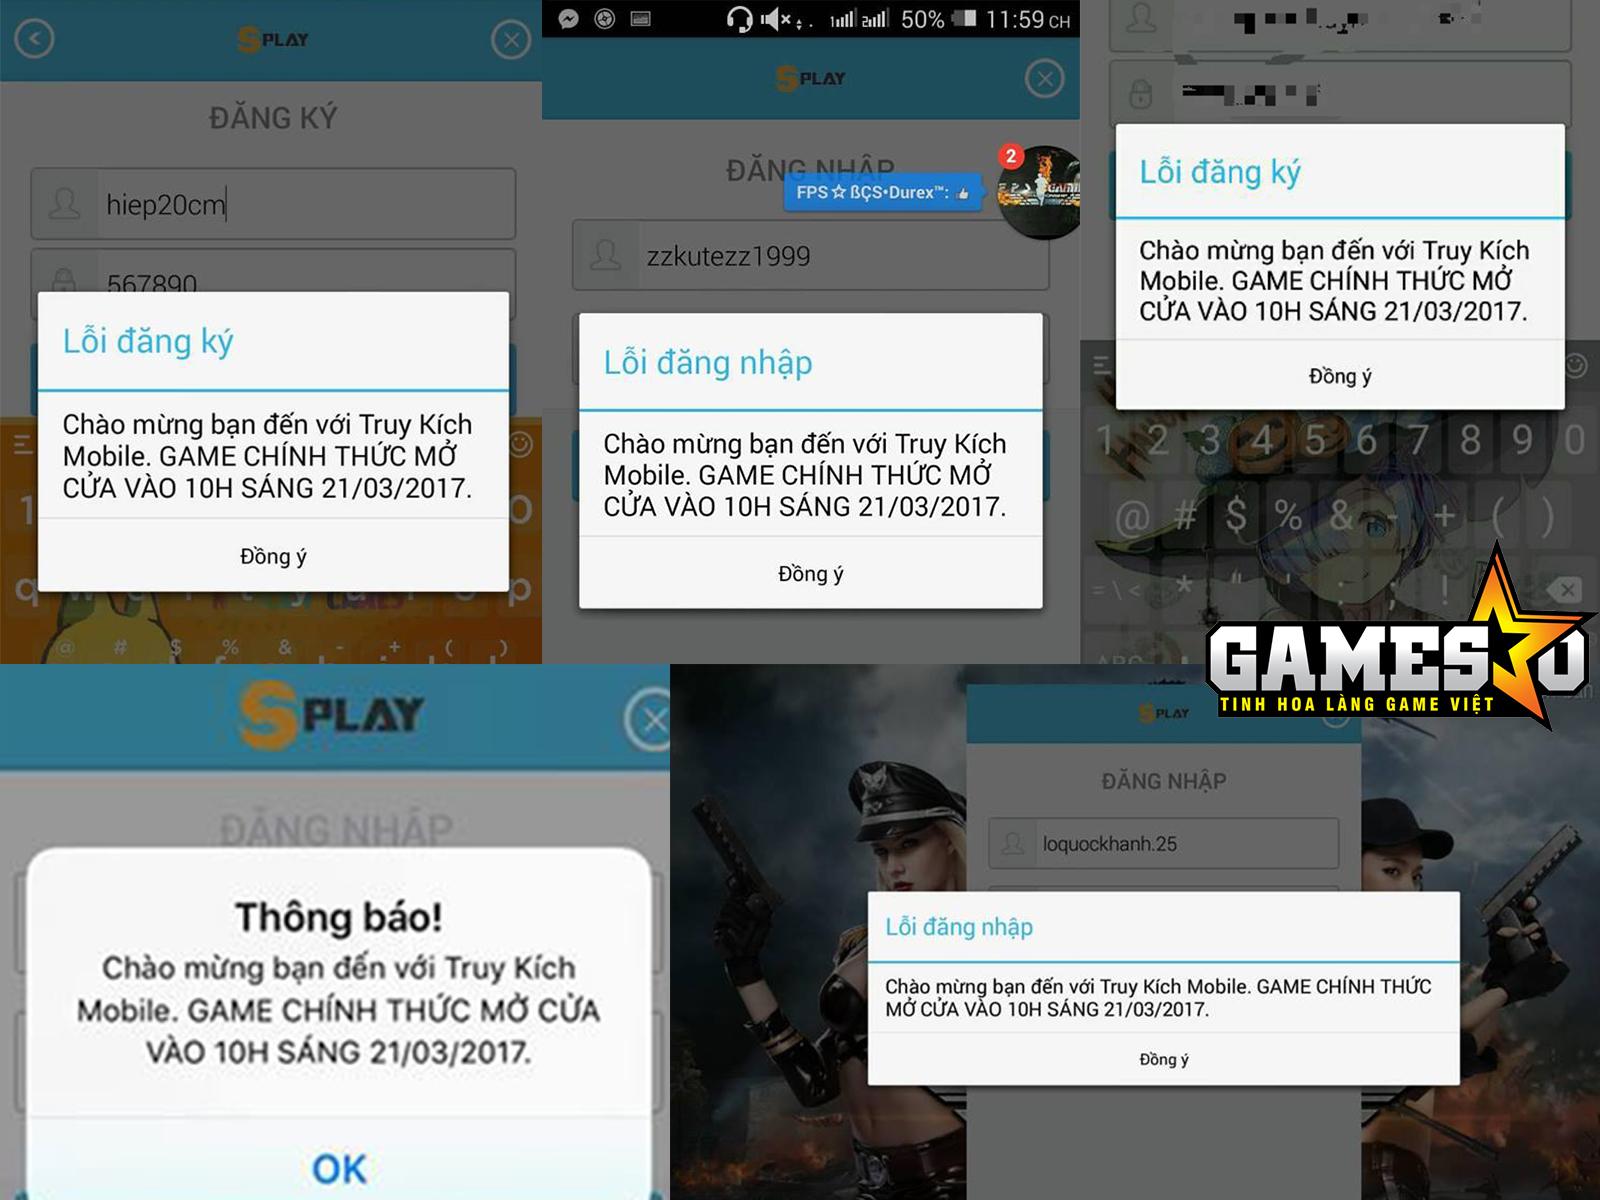 """Một loạt những """"bằng chứng"""" của người chơi cho thấy Truy Kích Mobile vẫn chưa cho phép đăng nhập và trải nghiệm game"""